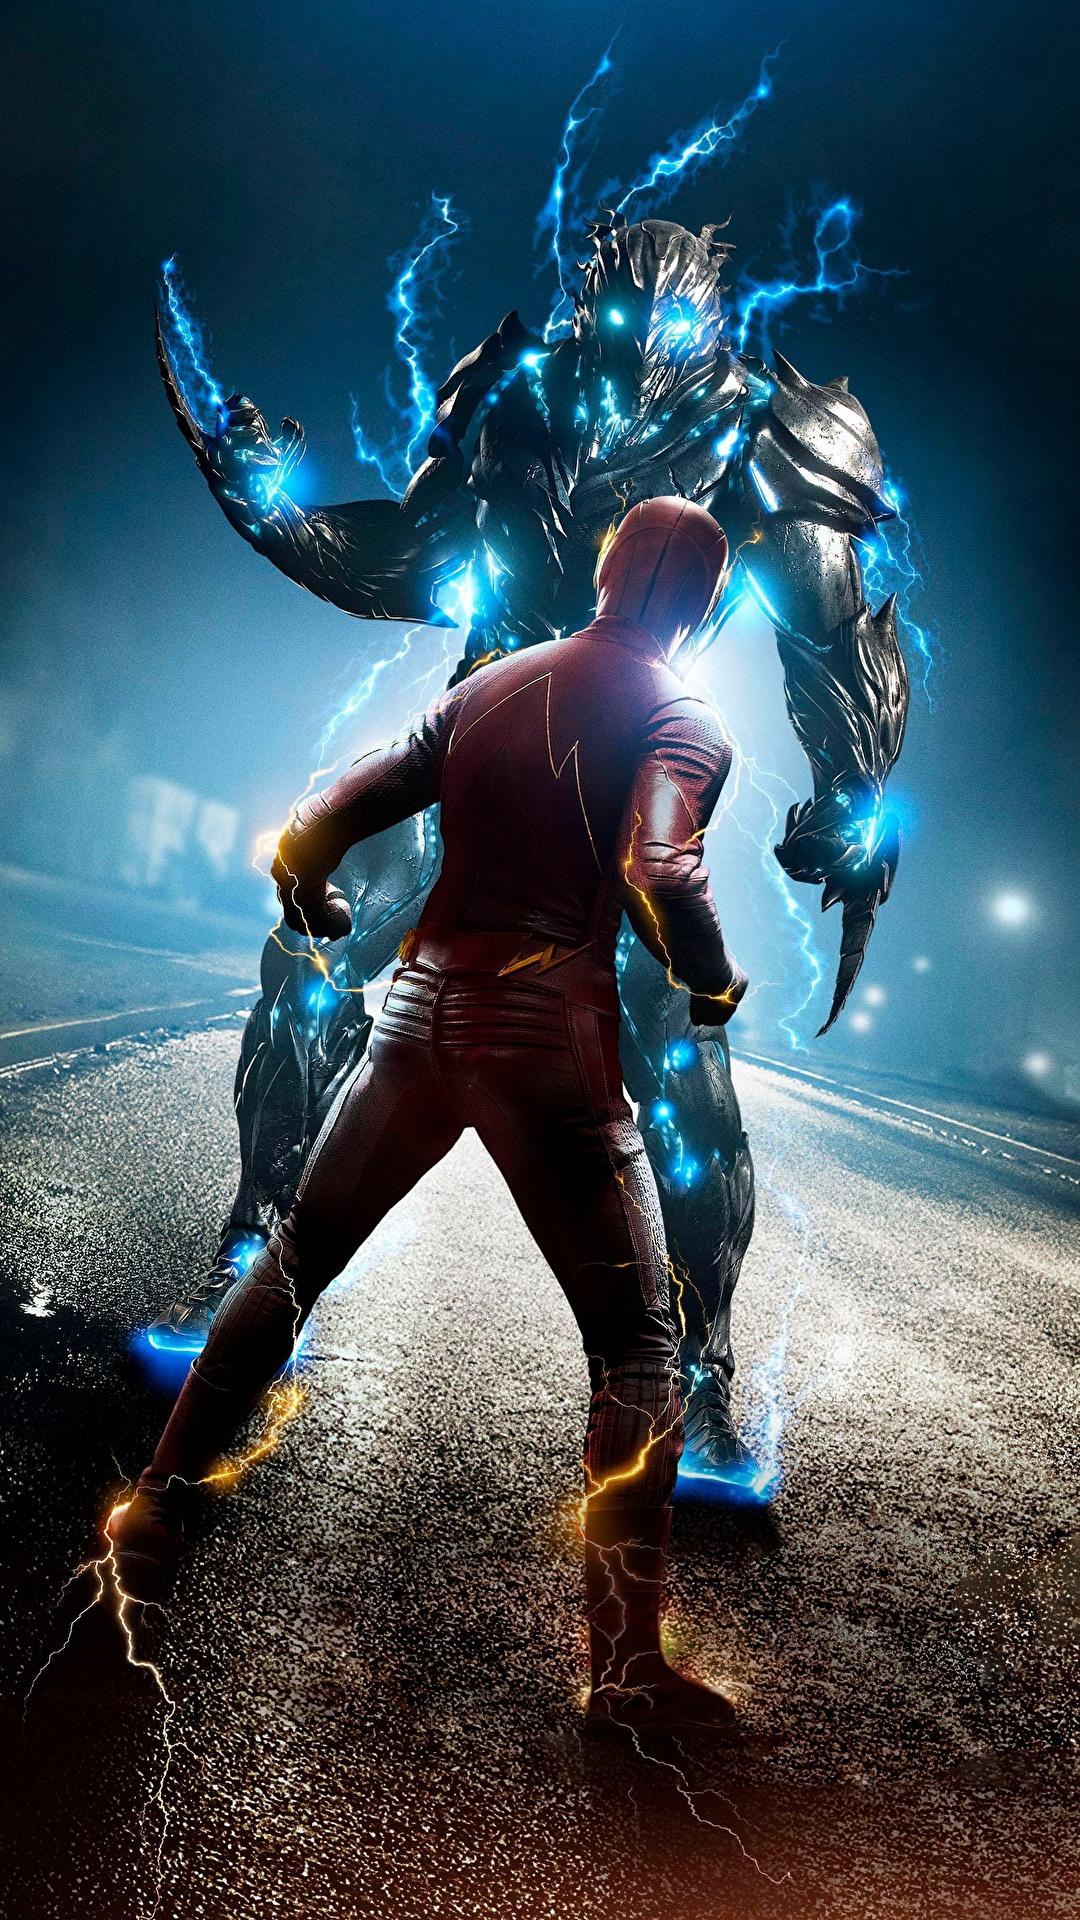 1080x1920 The Flash 2014 Flash Herói Heróis de quadrinhos Barry Allen super-heróis Filme para celular Telemóvel